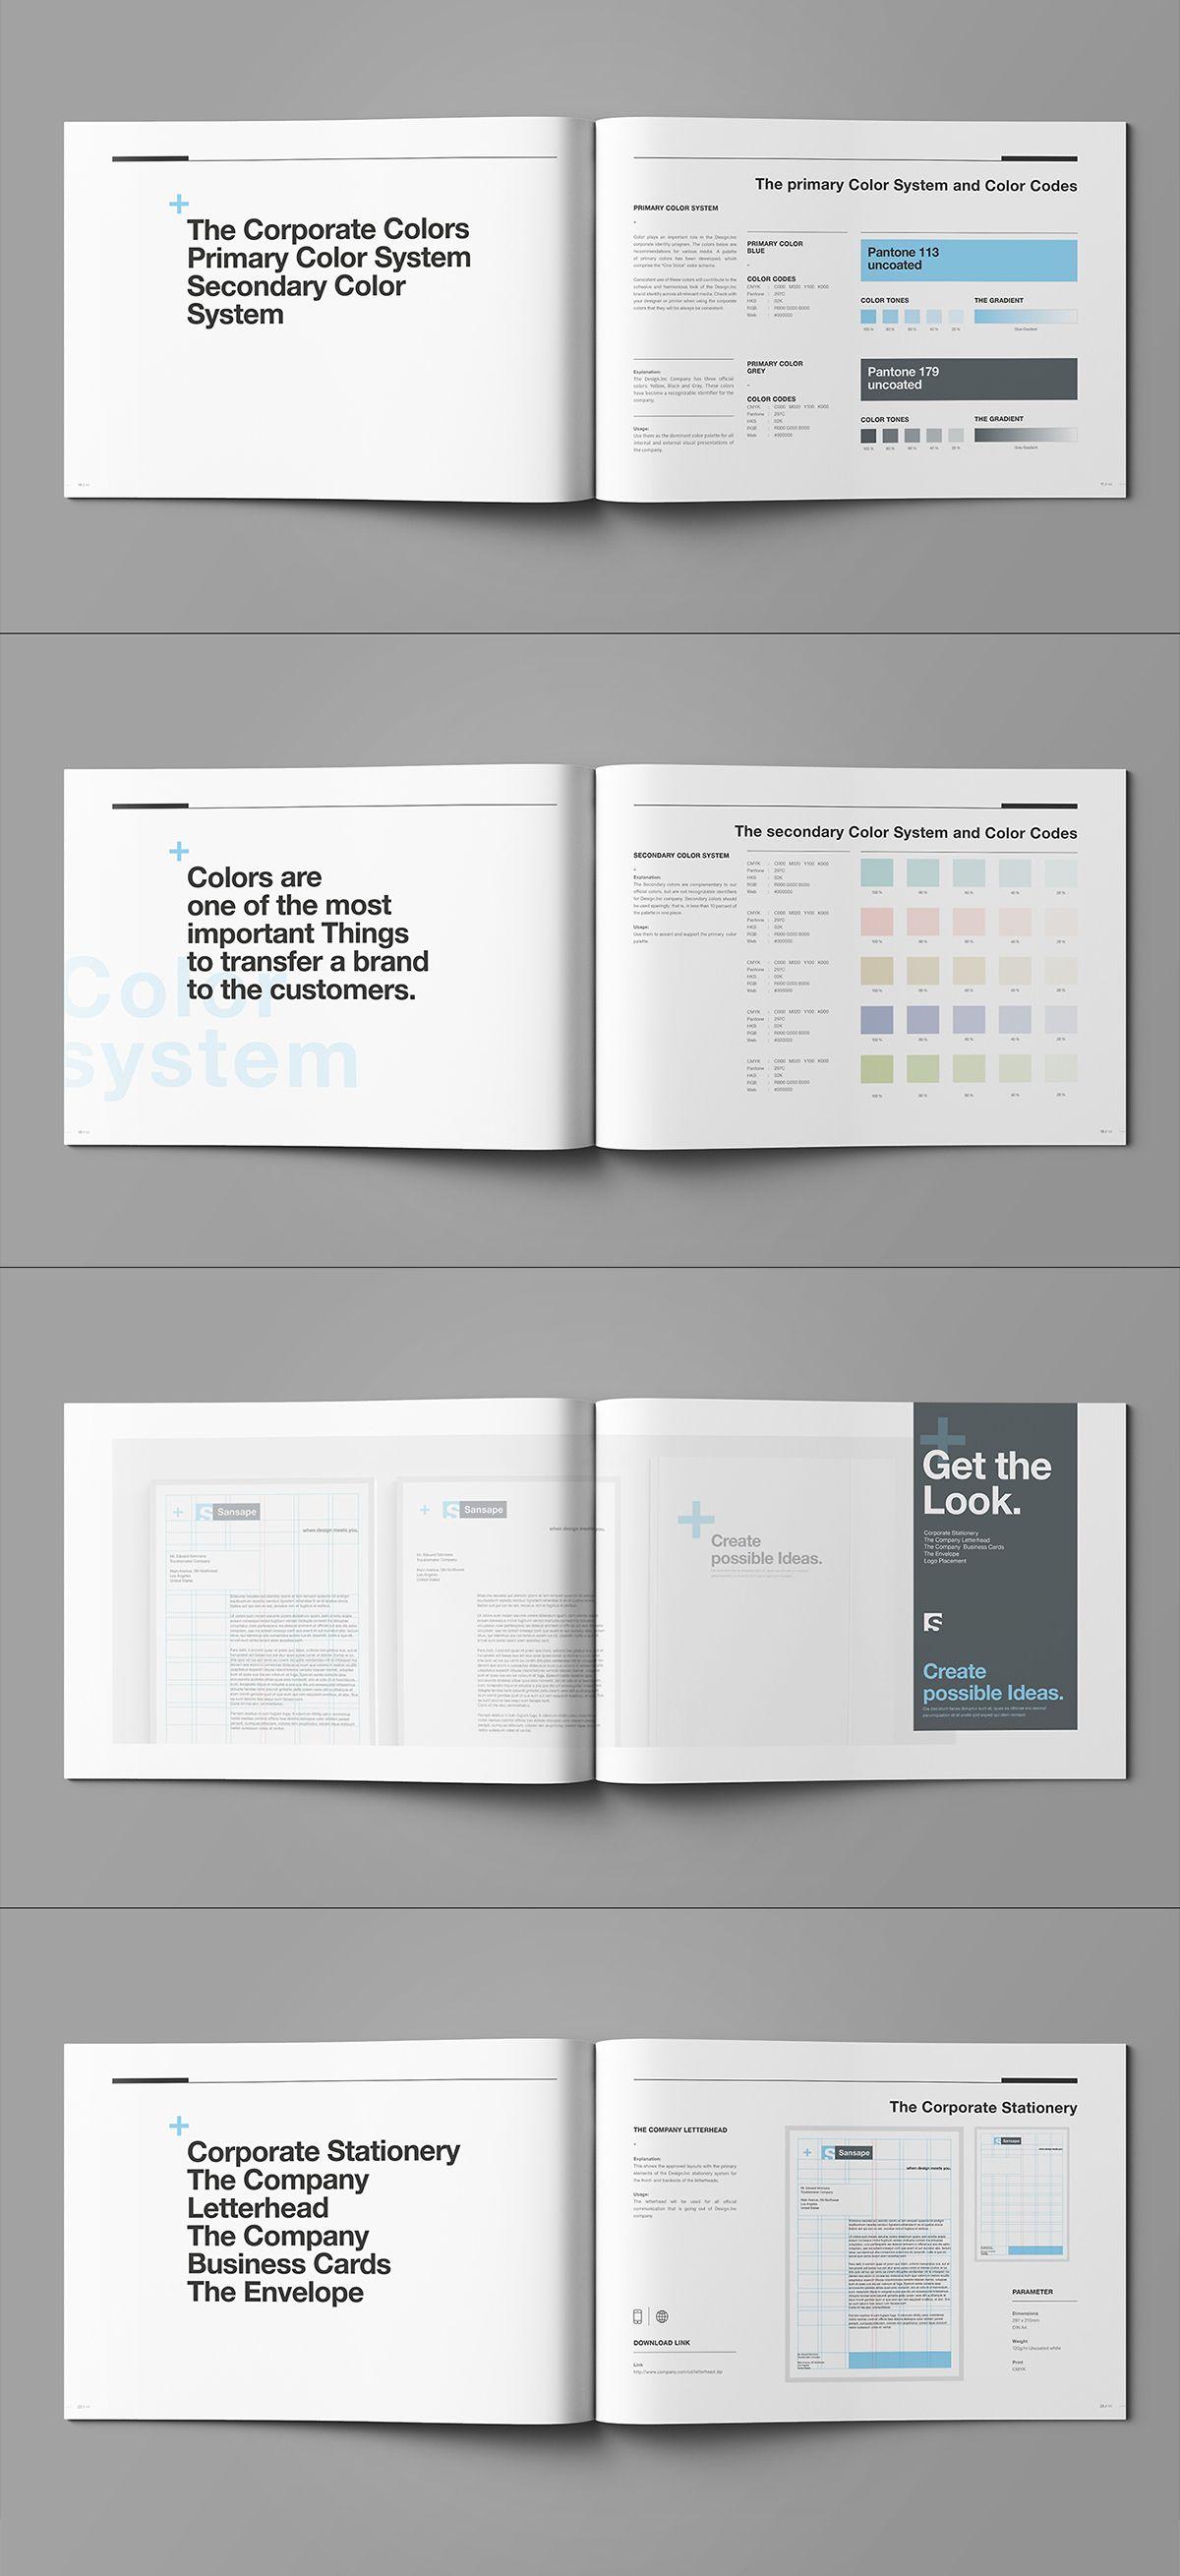 Inspiratie - huisstijlboek | Corporate branding | Pinterest | Brand ...